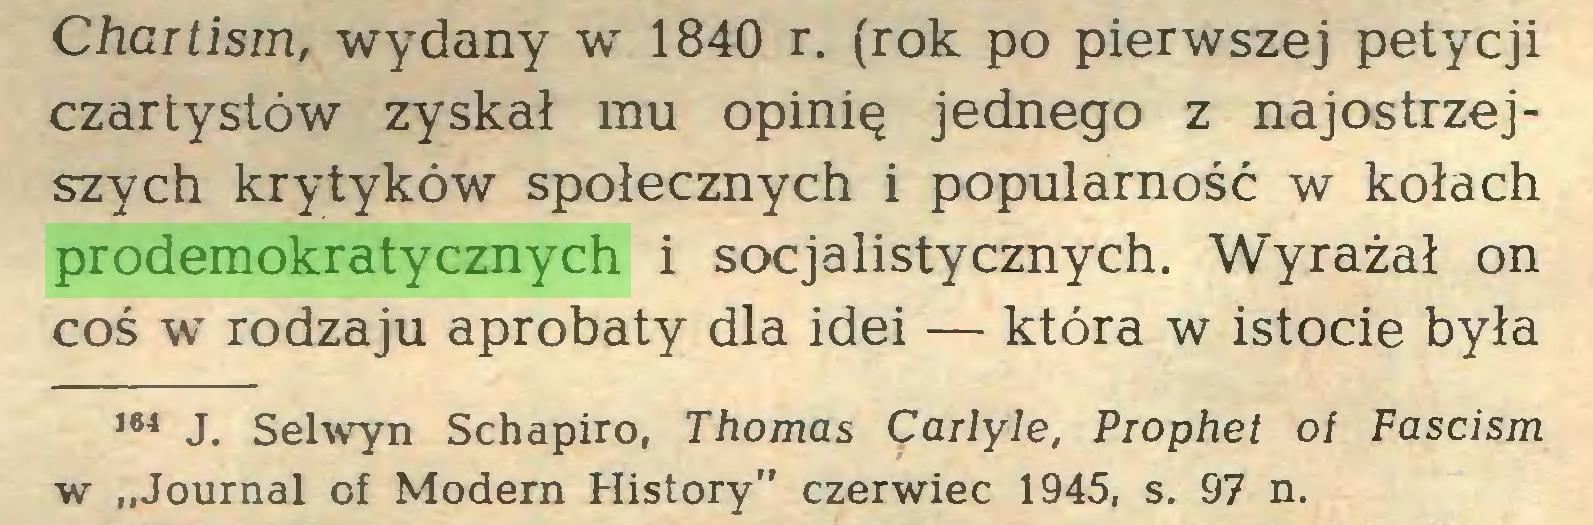 """(...) Chartism, wydany w 1840 r. (rok po pierwszej petycji czartystów zyskał mu opinię jednego z najostrzejszych krytyków społecznych i popularność w kołach prodemokratycznych i socjalistycznych. Wyrażał on coś w rodzaju aprobaty dla idei — która w istocie była 164 J. Selwyn Schapiro, Thomas Carlyle, Prophet ol Fascism w """"Journal of Modern History"""" czerwiec 1945, s. 97 n..."""